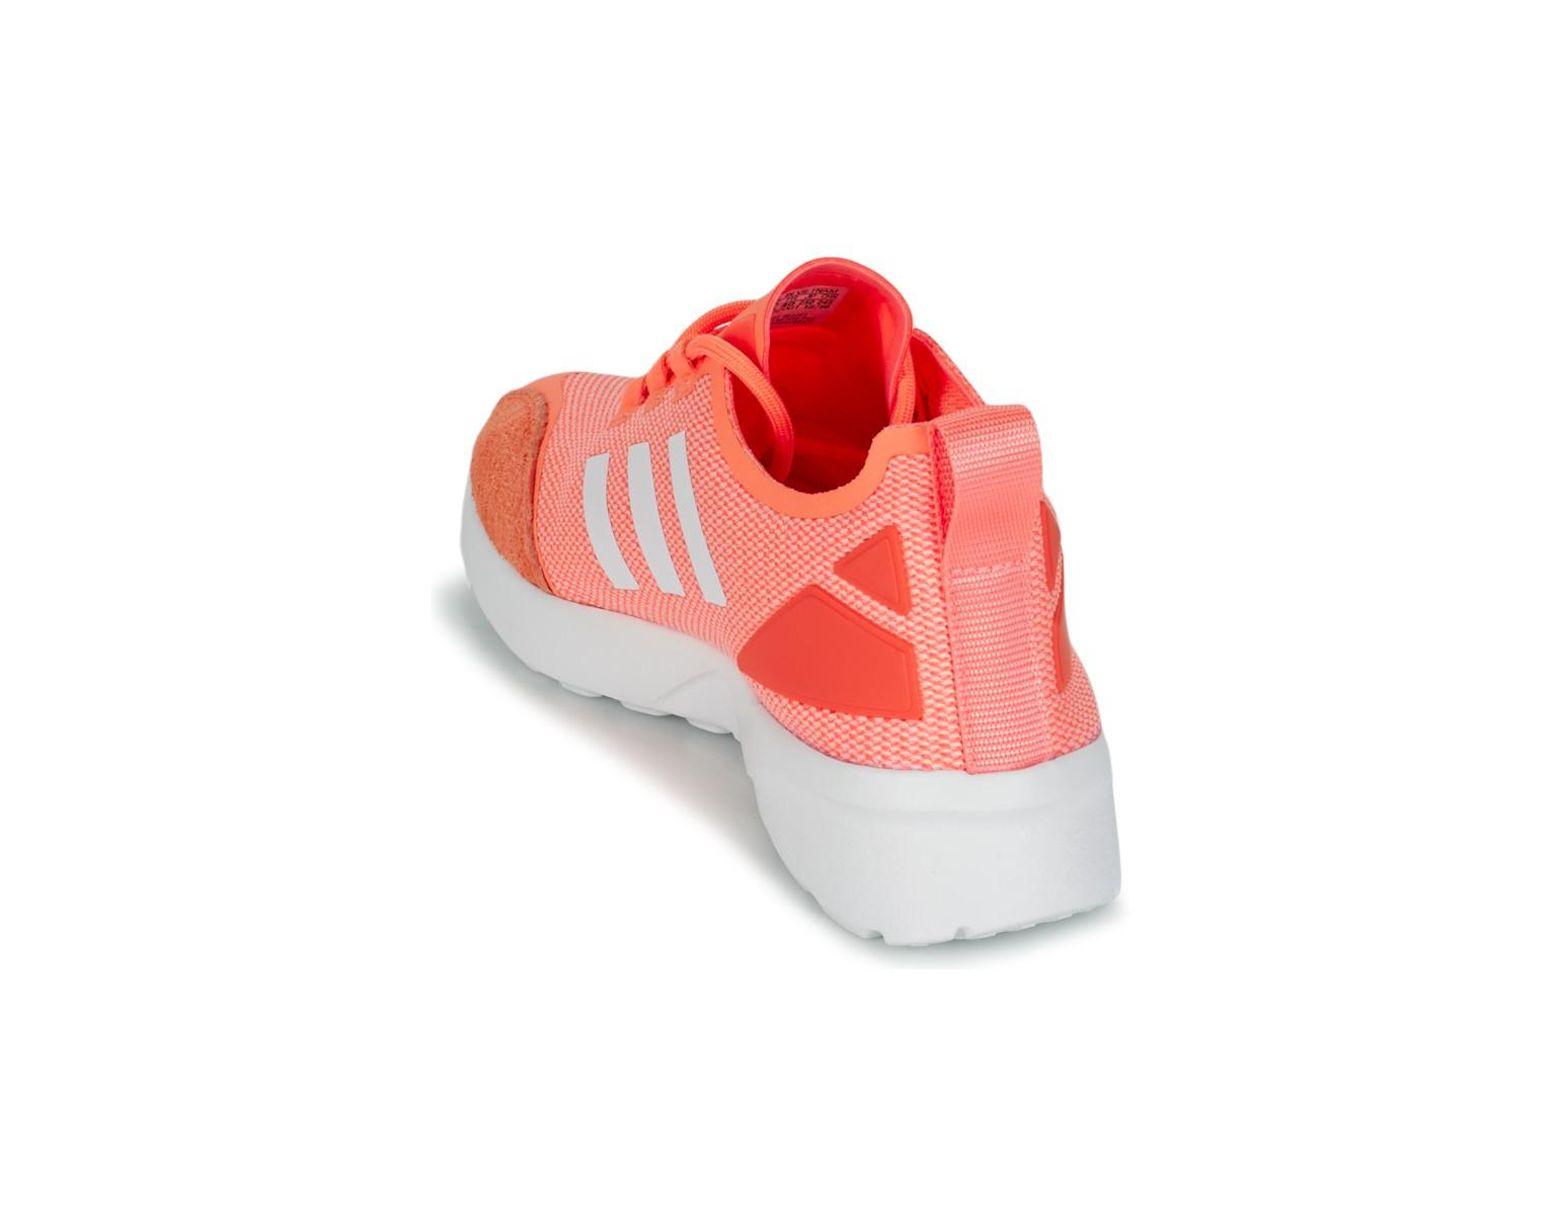 En W Chaussures Orange Flux Adv Femmes Zx Verve kPZuXi